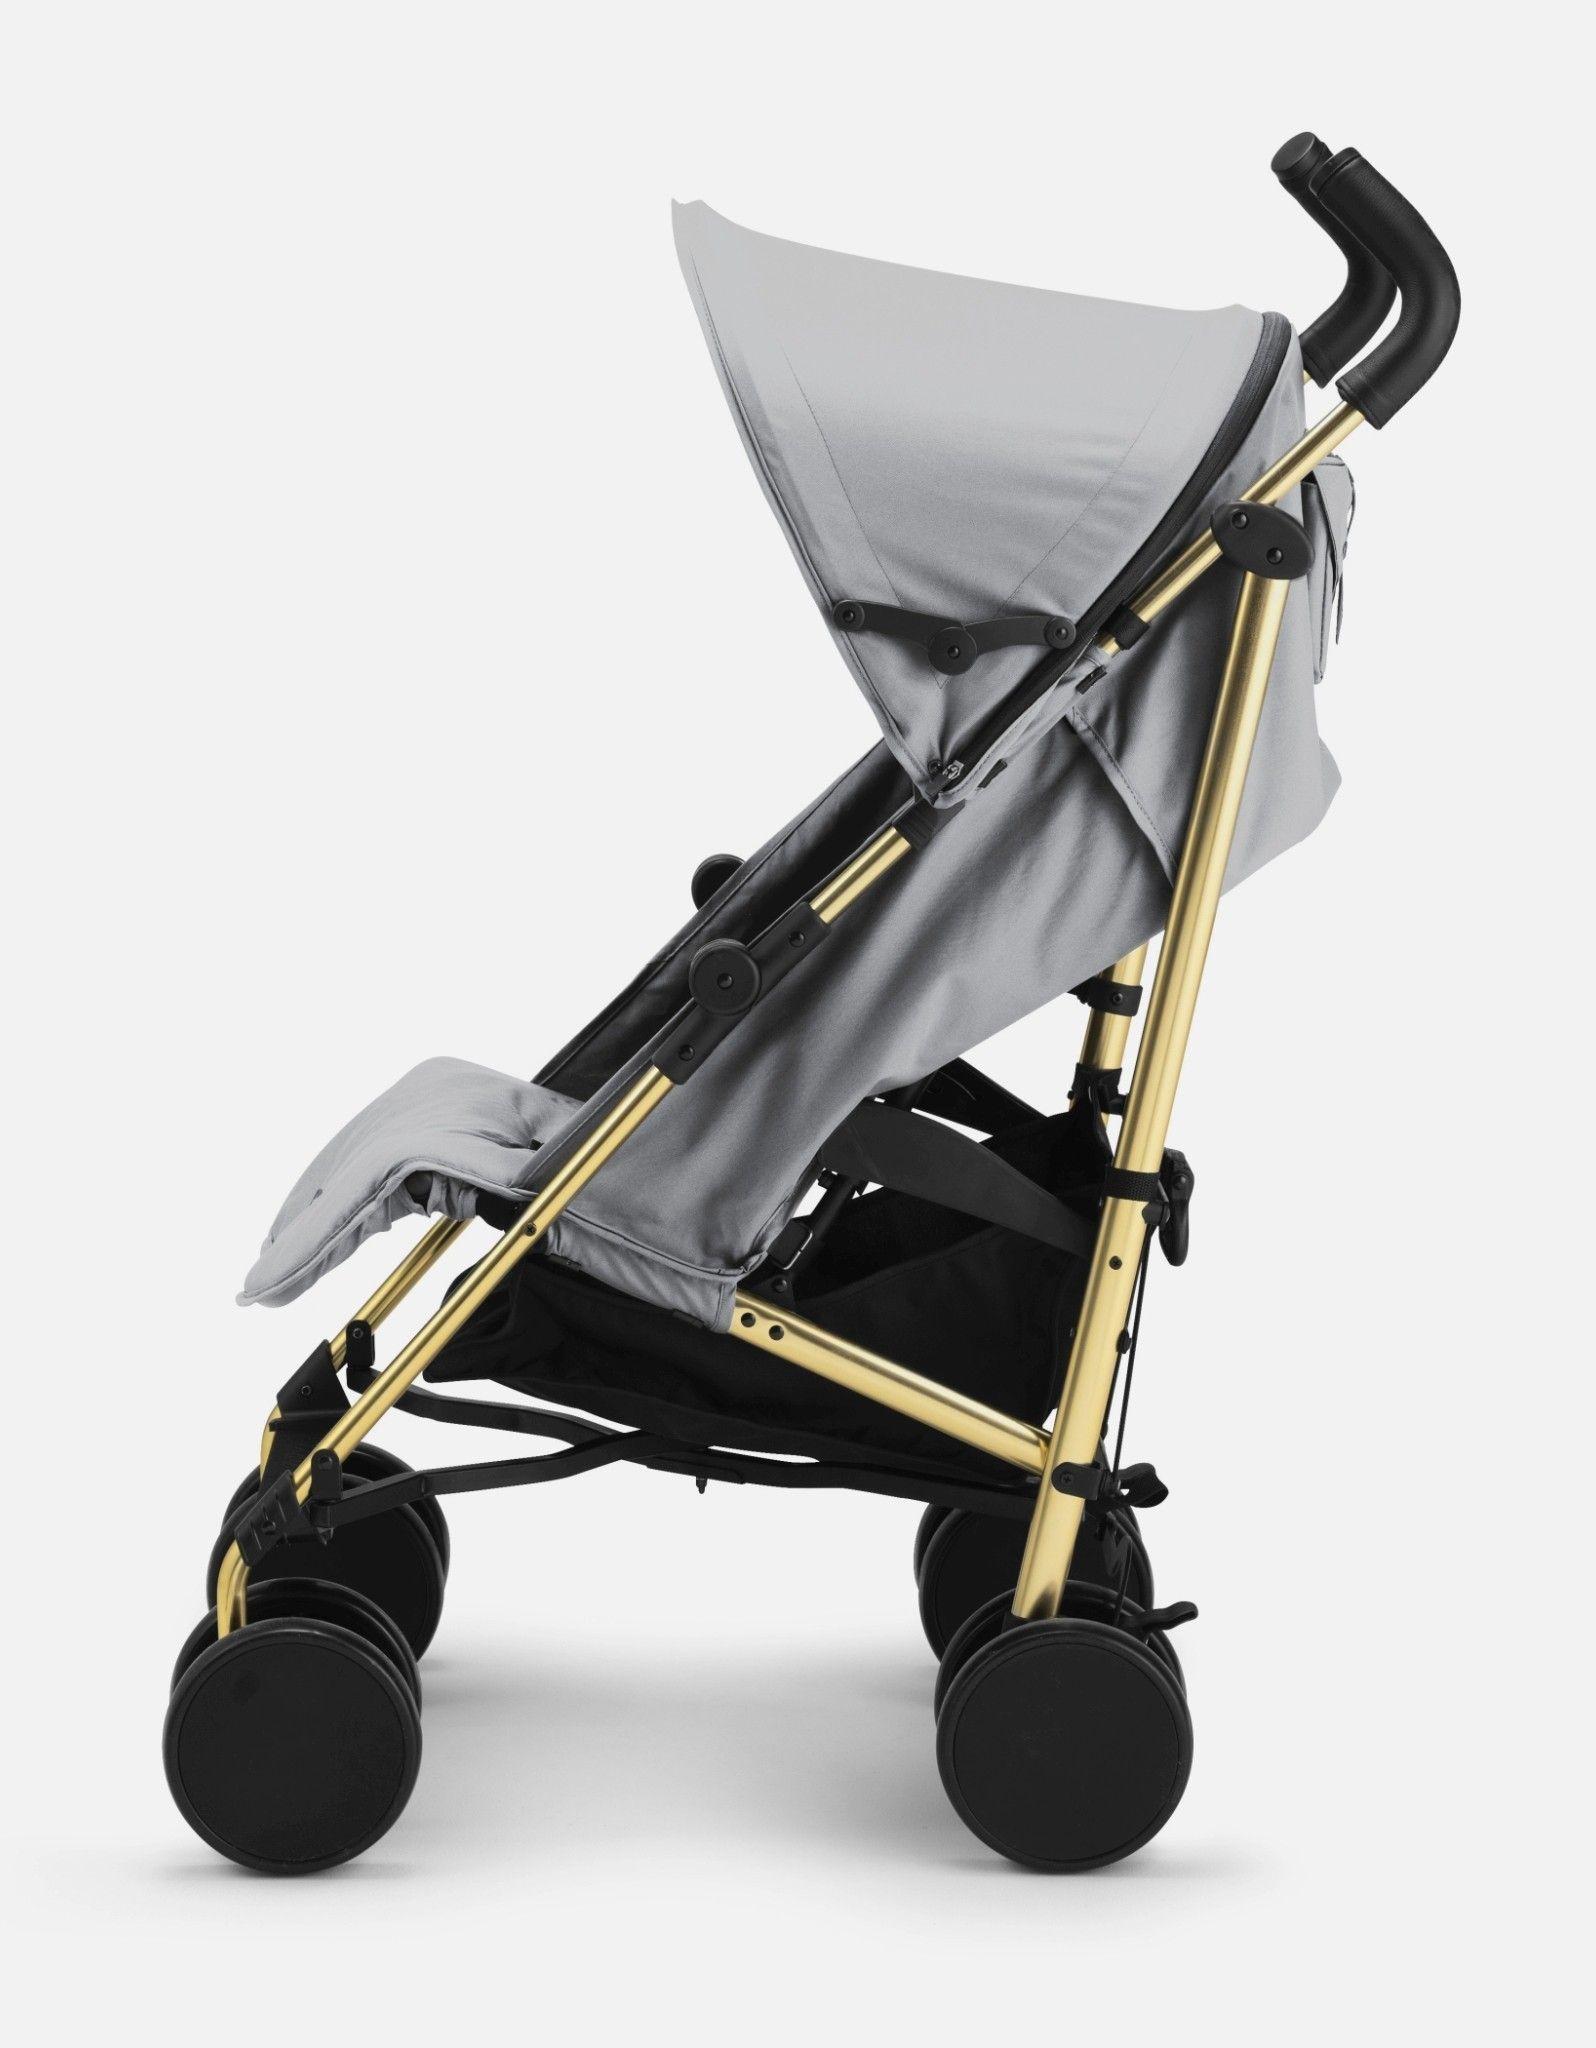 46e9de8ca42 Elodie Details - wózek spacerowy Stockholm Stroller Golden Grey ...